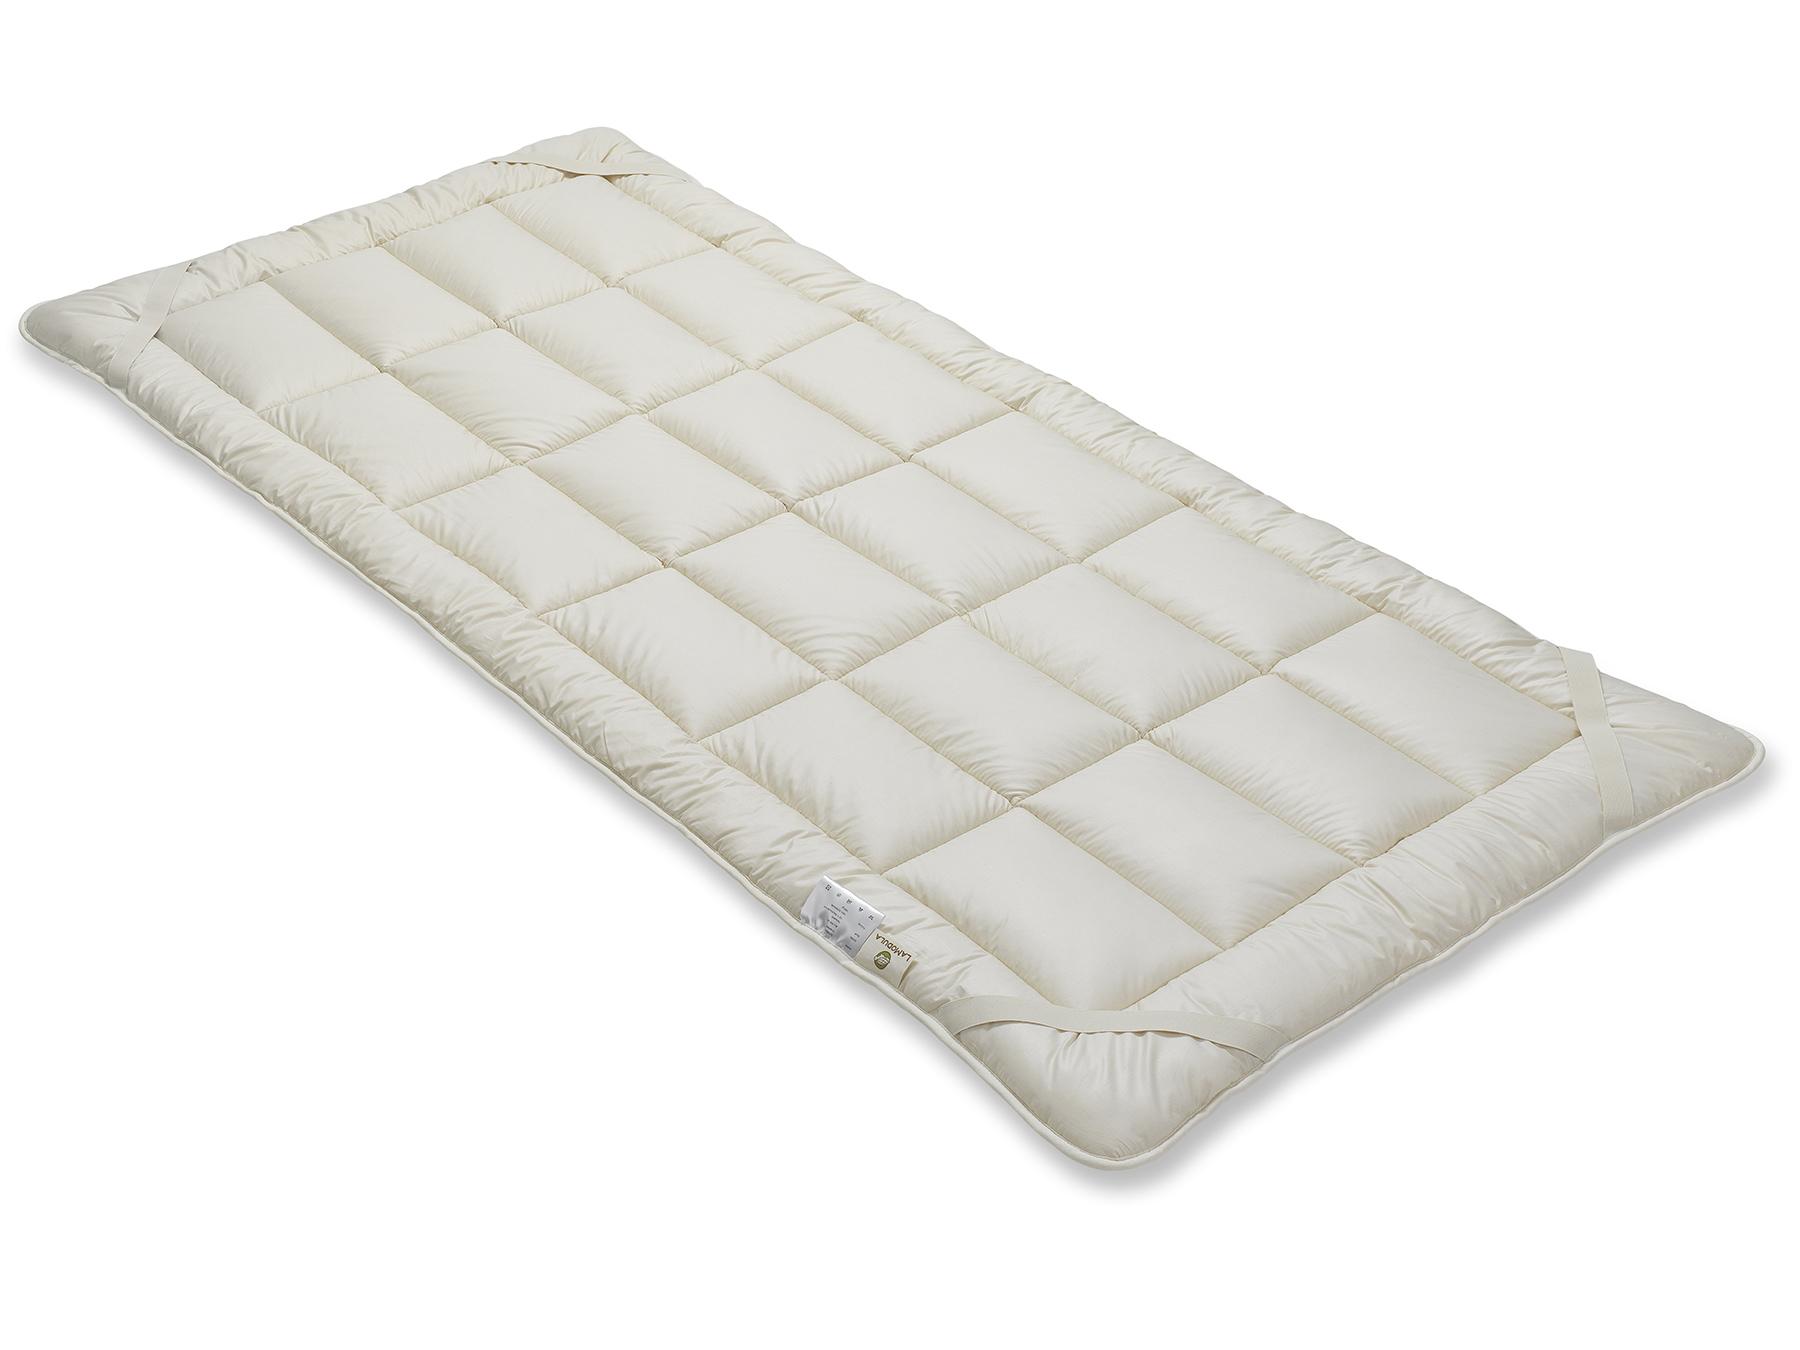 Die vier praktischen Schräggummibänder dienen dazu, das Unterbett an der Matratze zu befestigen.